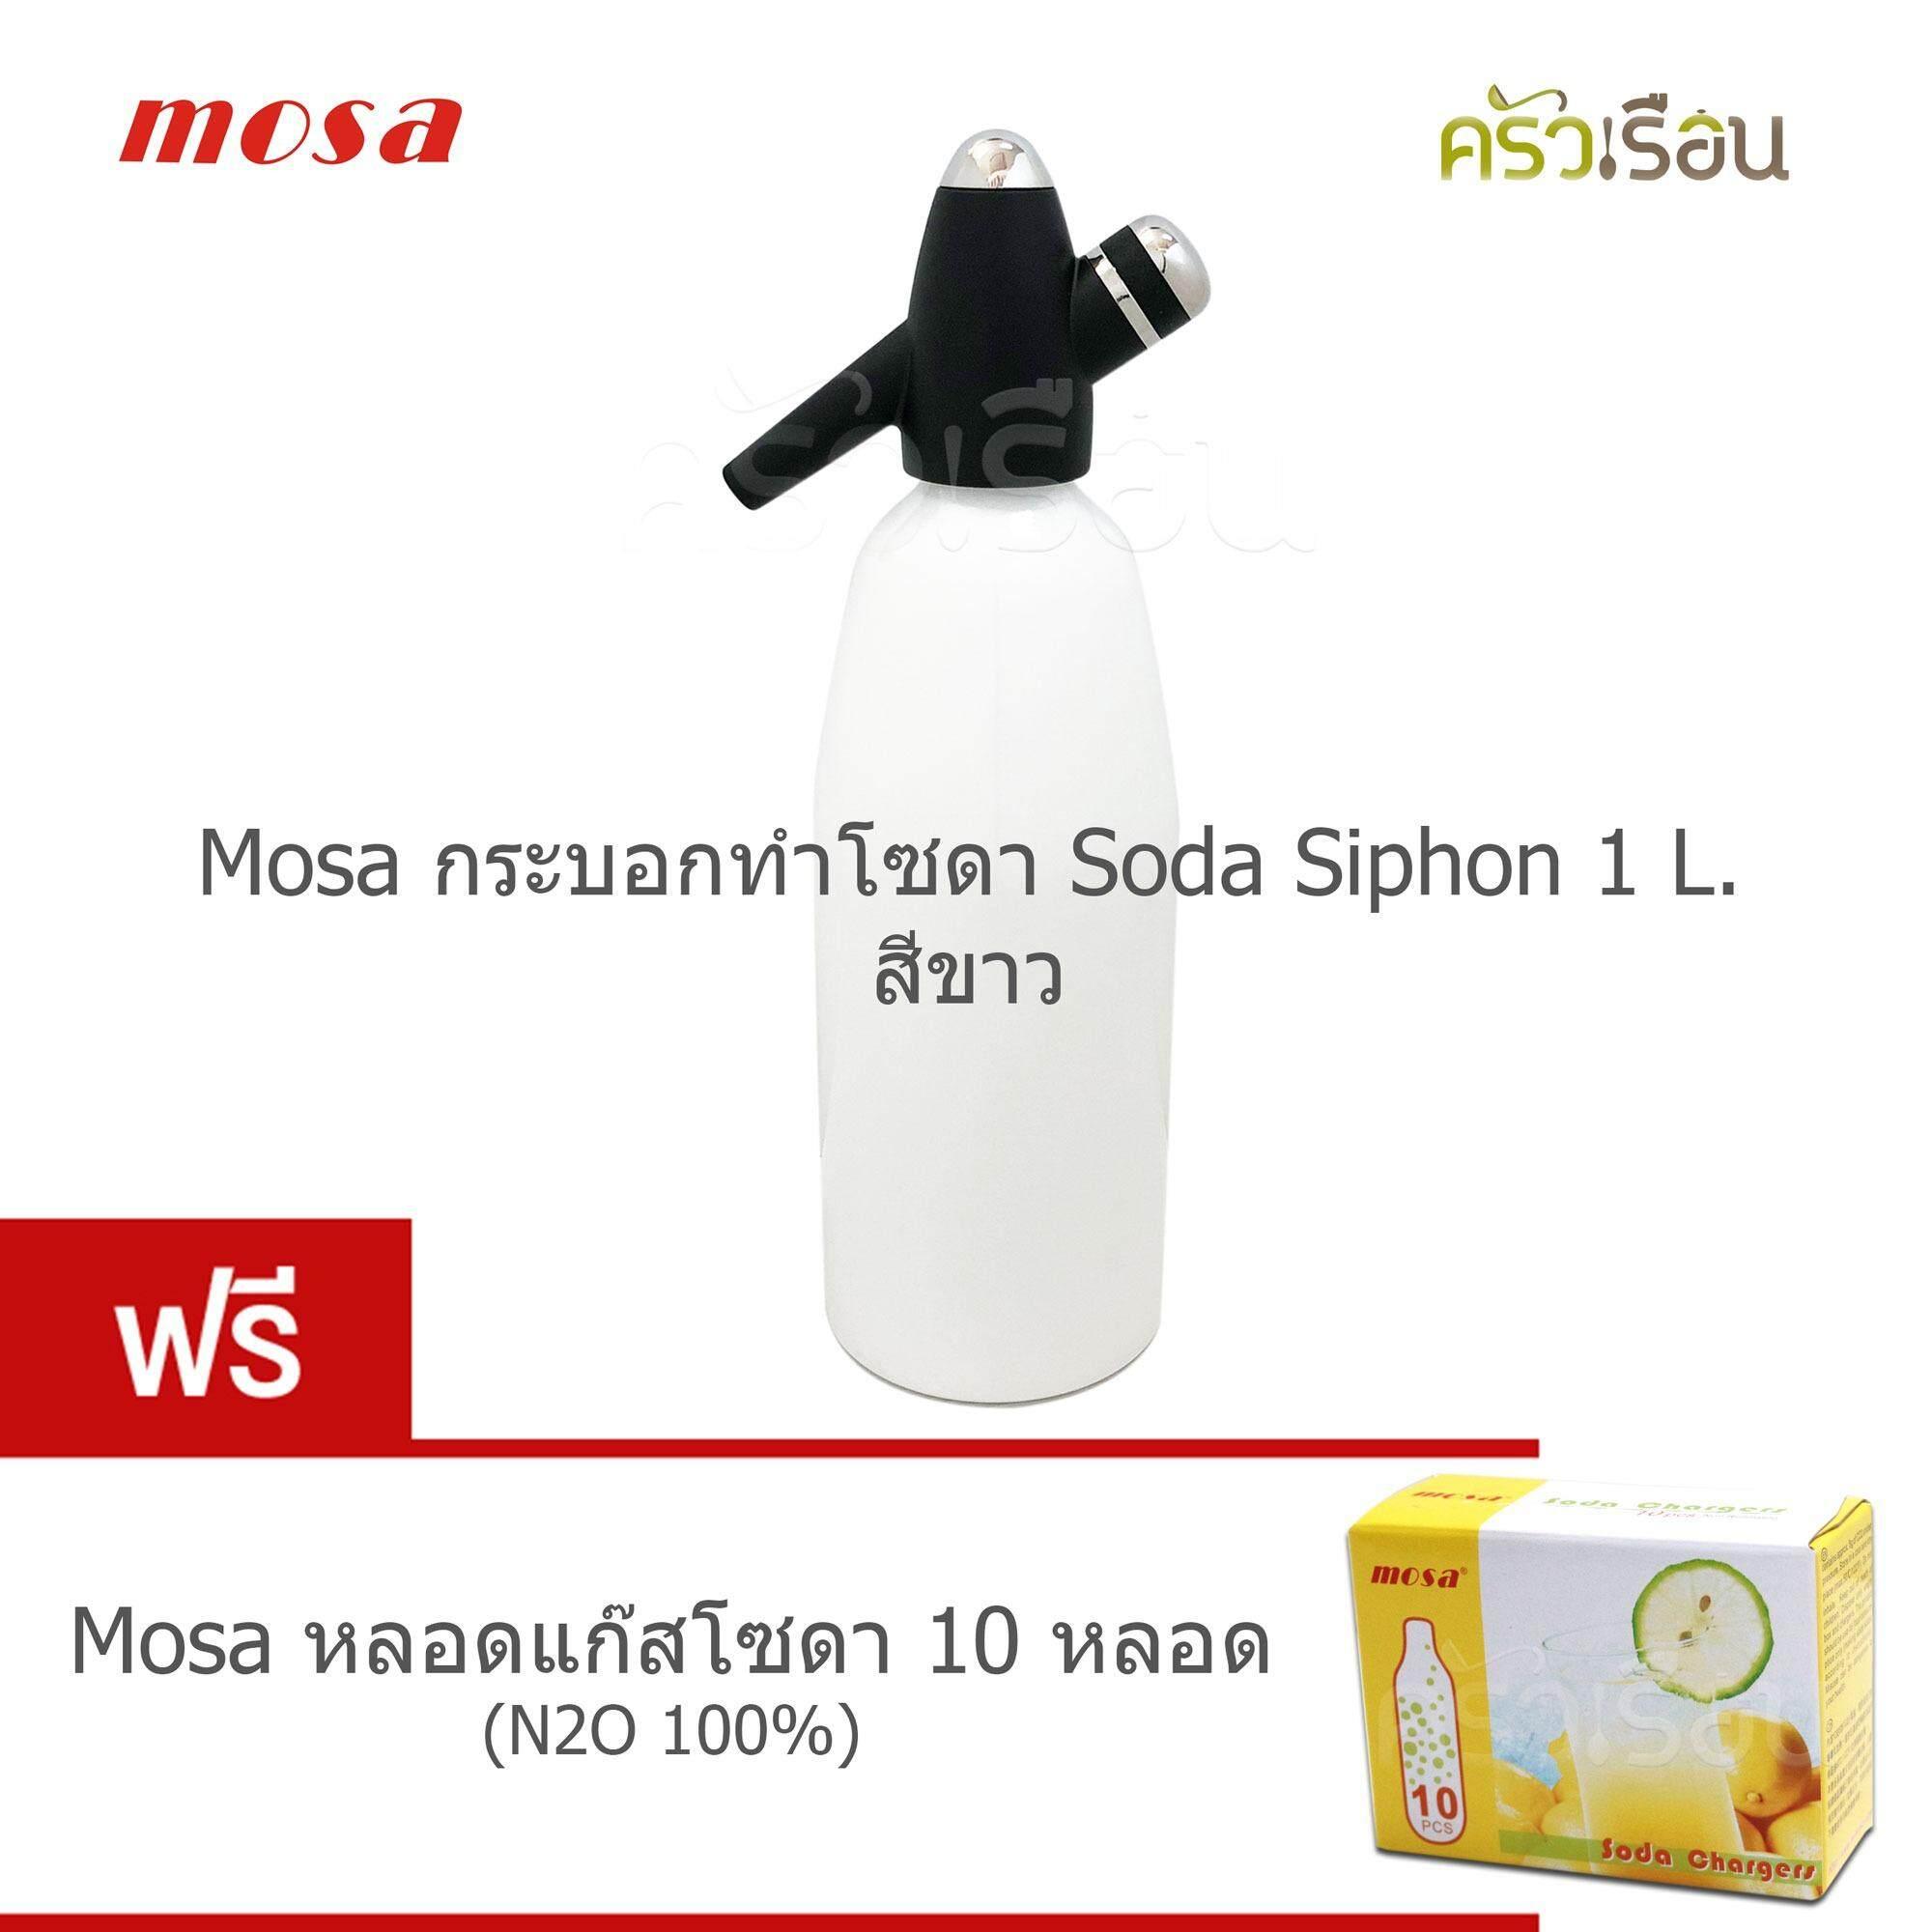 Mosa เครื่องทำโซดา - กระบอกทำโซดา Soda Siphon 1 ลิตร แถมแก๊สโซดา CO2 1 กล่อง (10 หลอด)